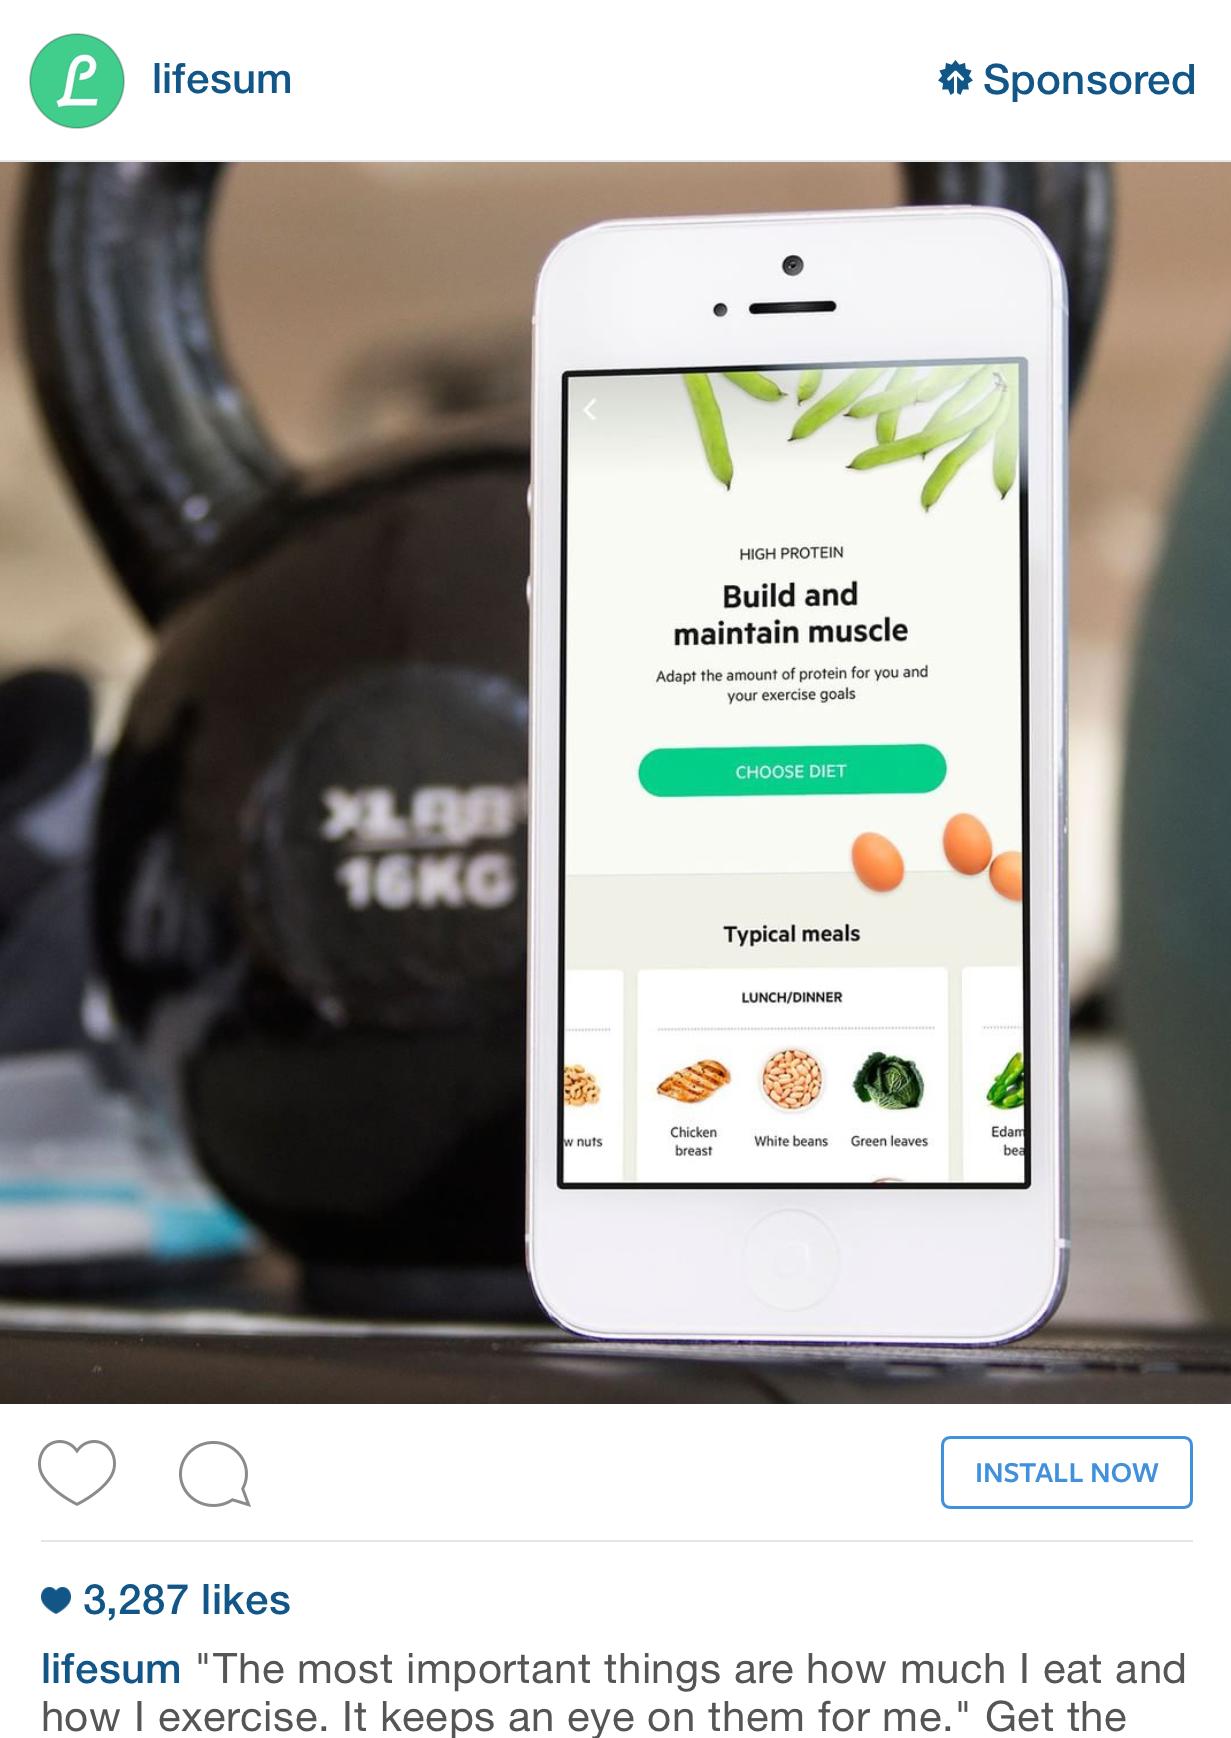 Life Sum App Install Instagram Ad Example Instagram Ads Instagram Ads